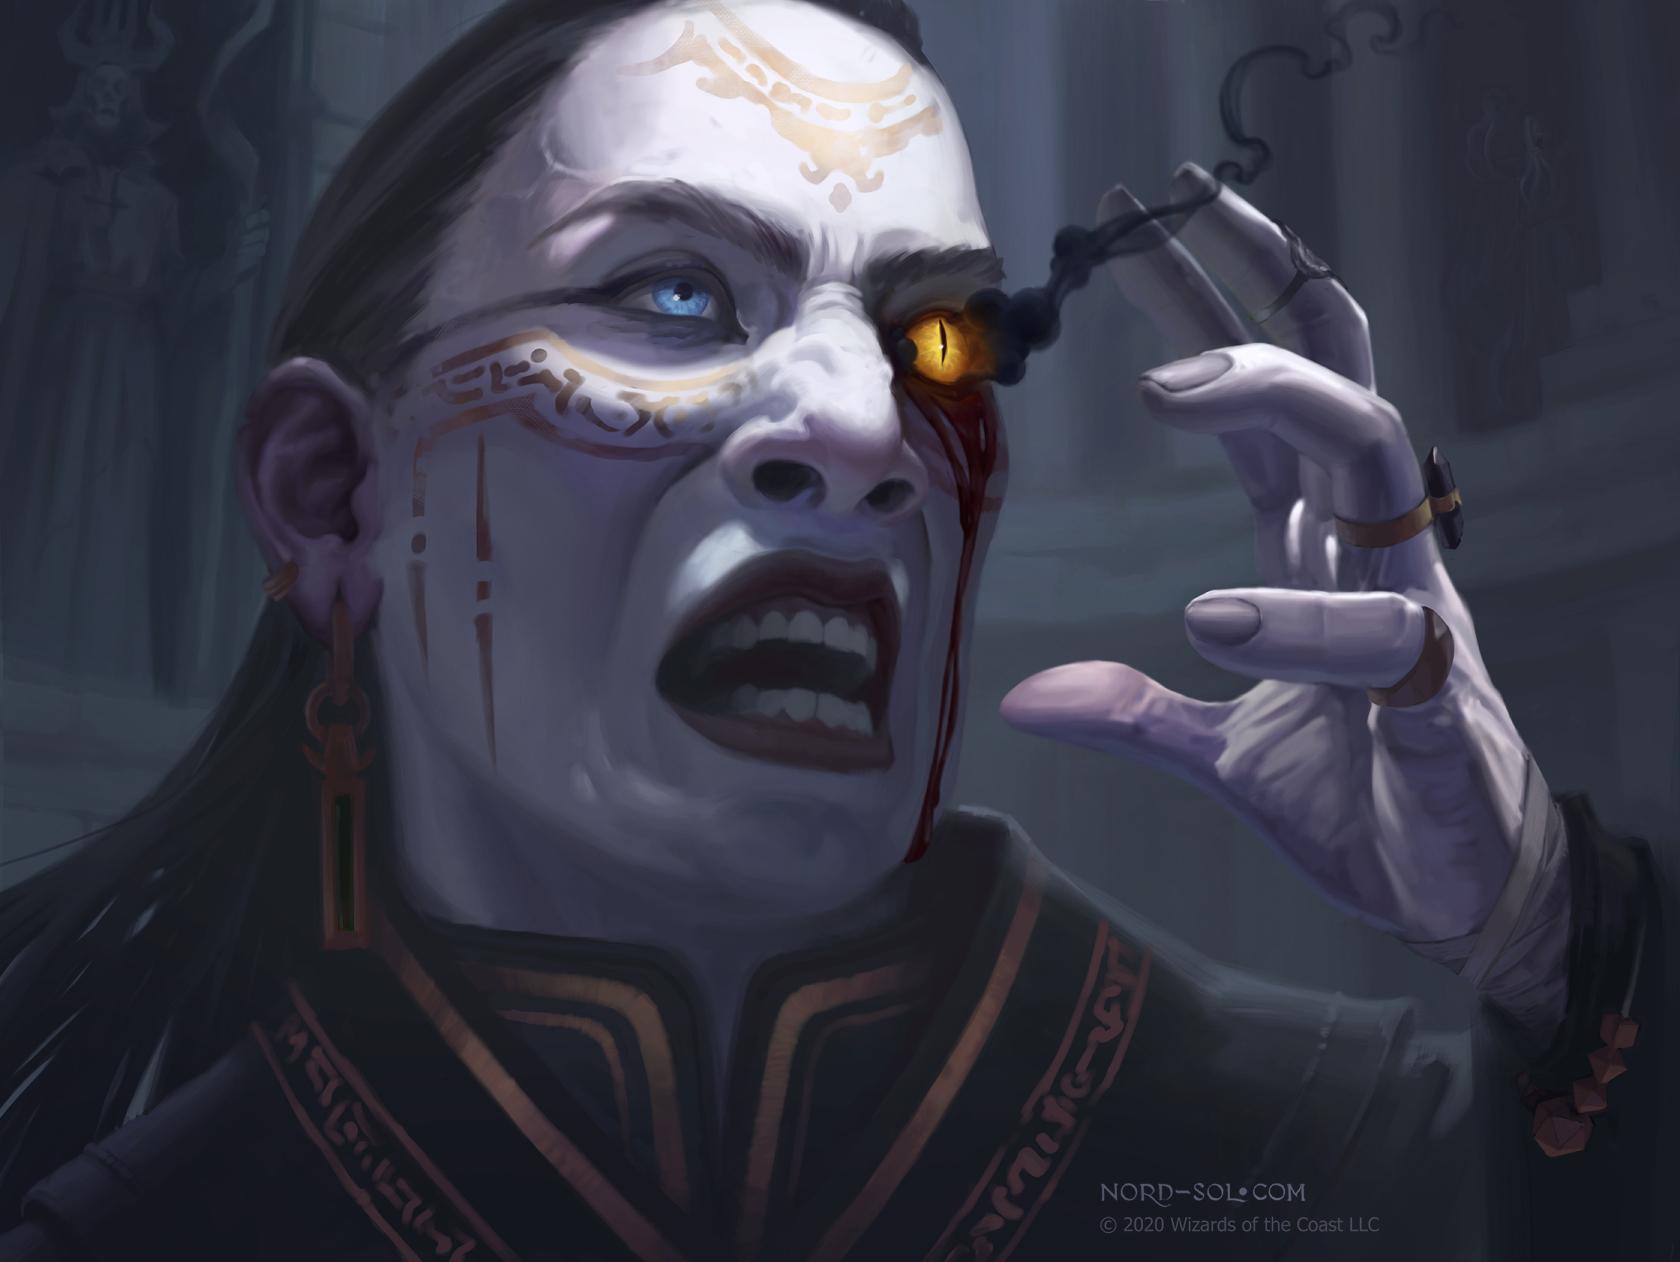 Eye of Vecna art by Irina Nordsol